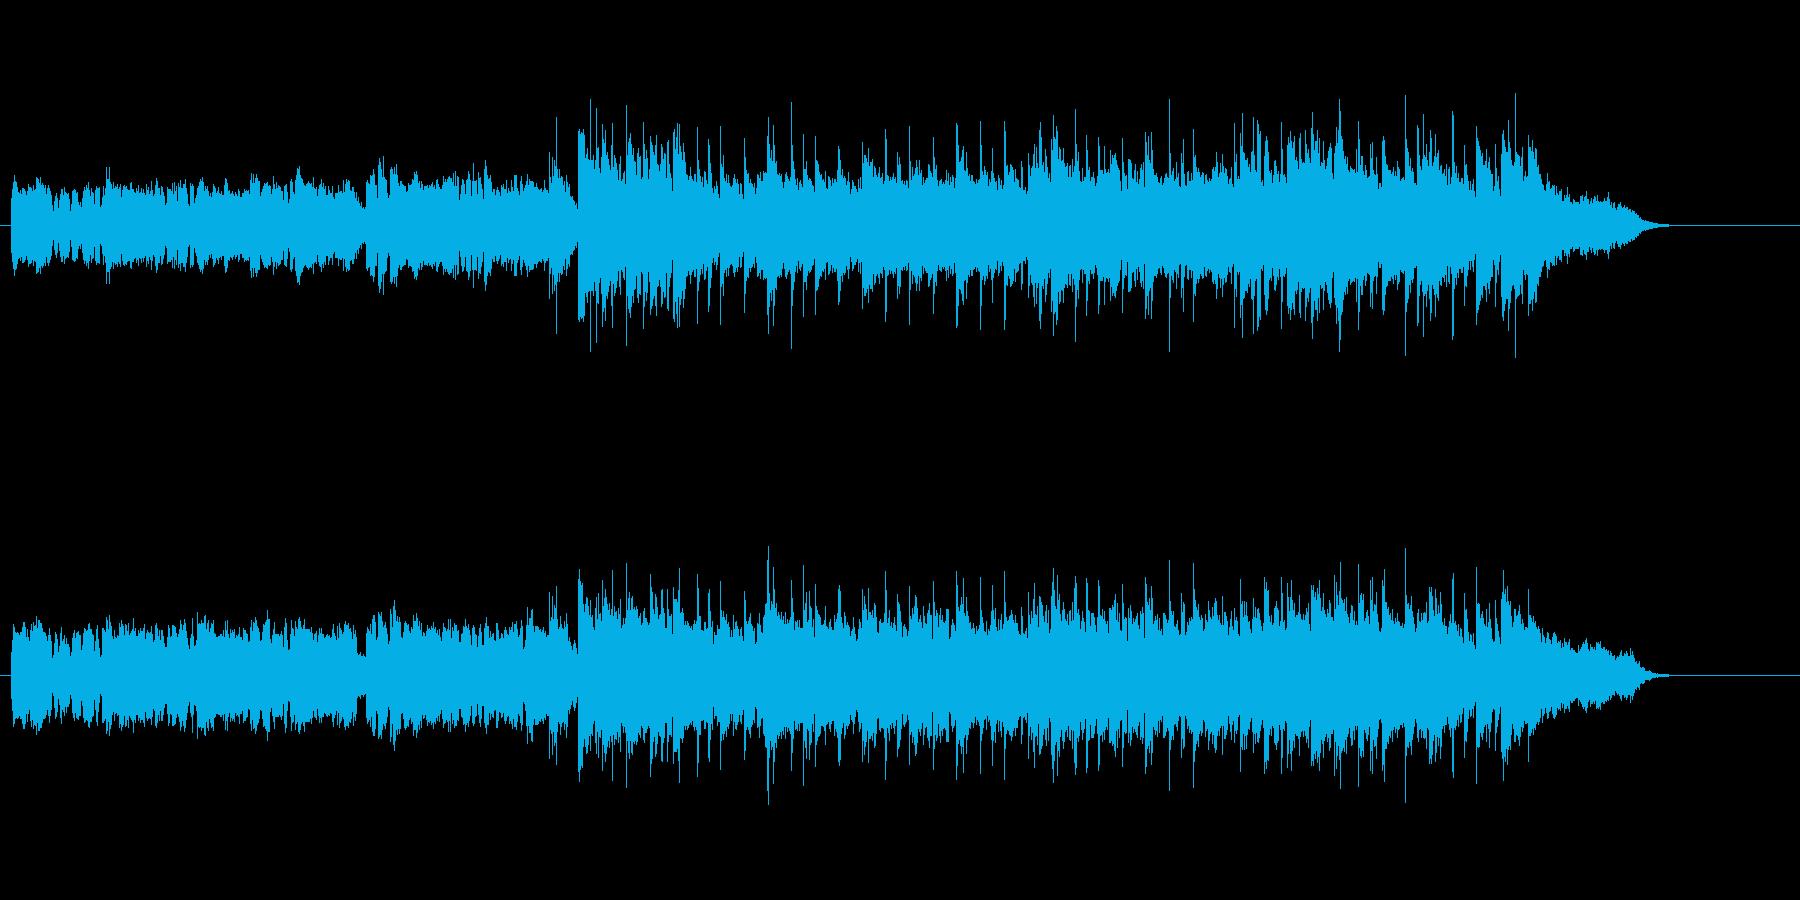 和風メロディーのパワフル・バラードの再生済みの波形